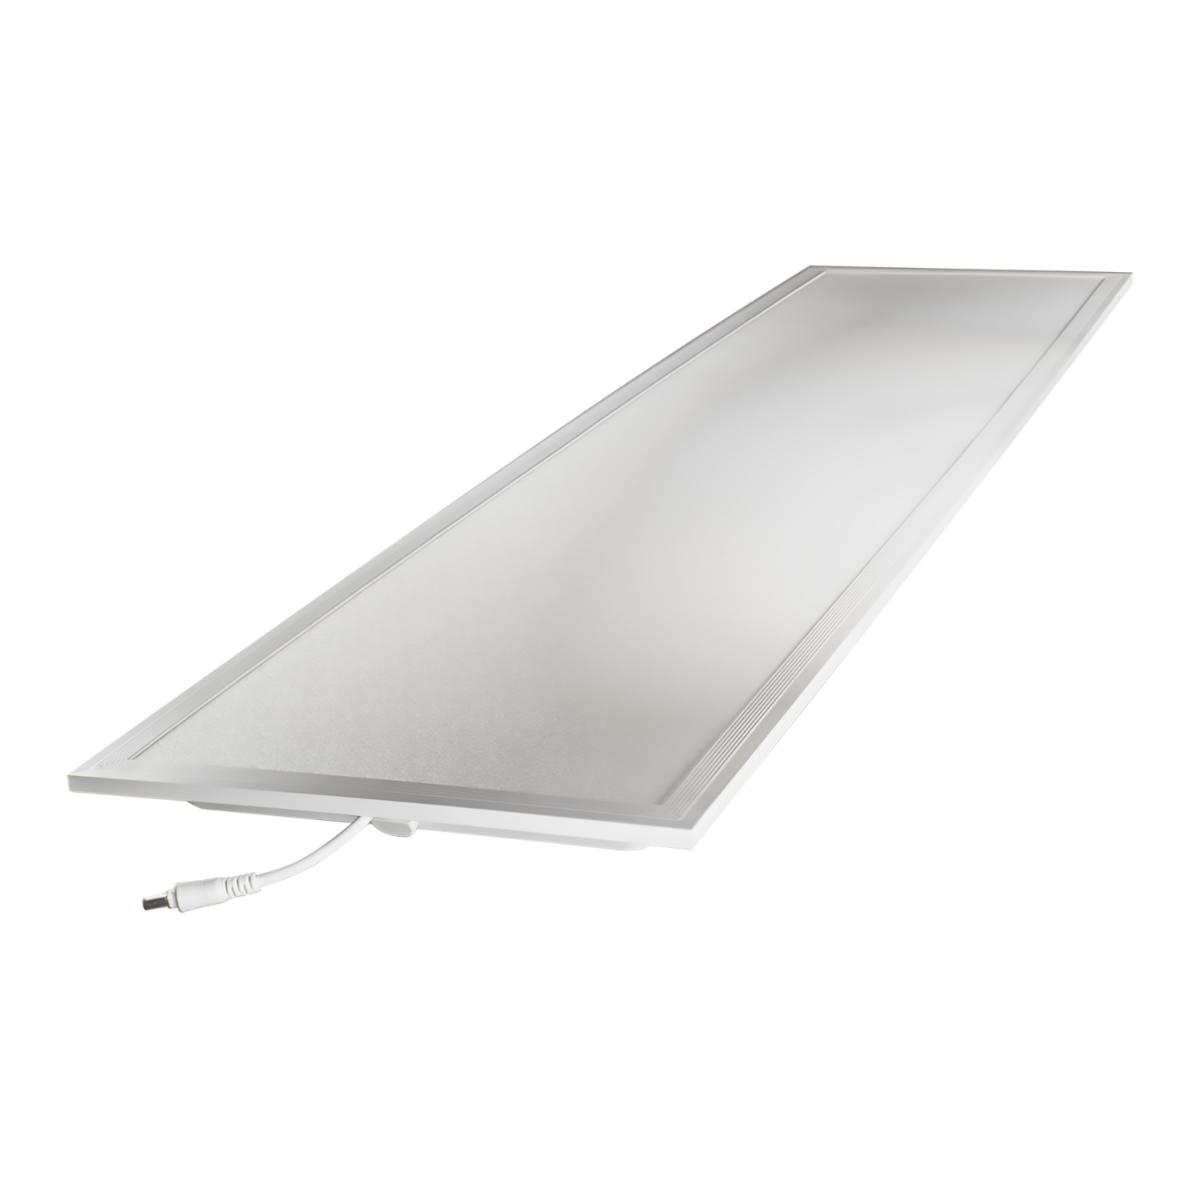 Noxion LED panel Econox 32W 30x120cm 4000K 4400lm UGR <22 | kald hvit - erstatter 2x36W